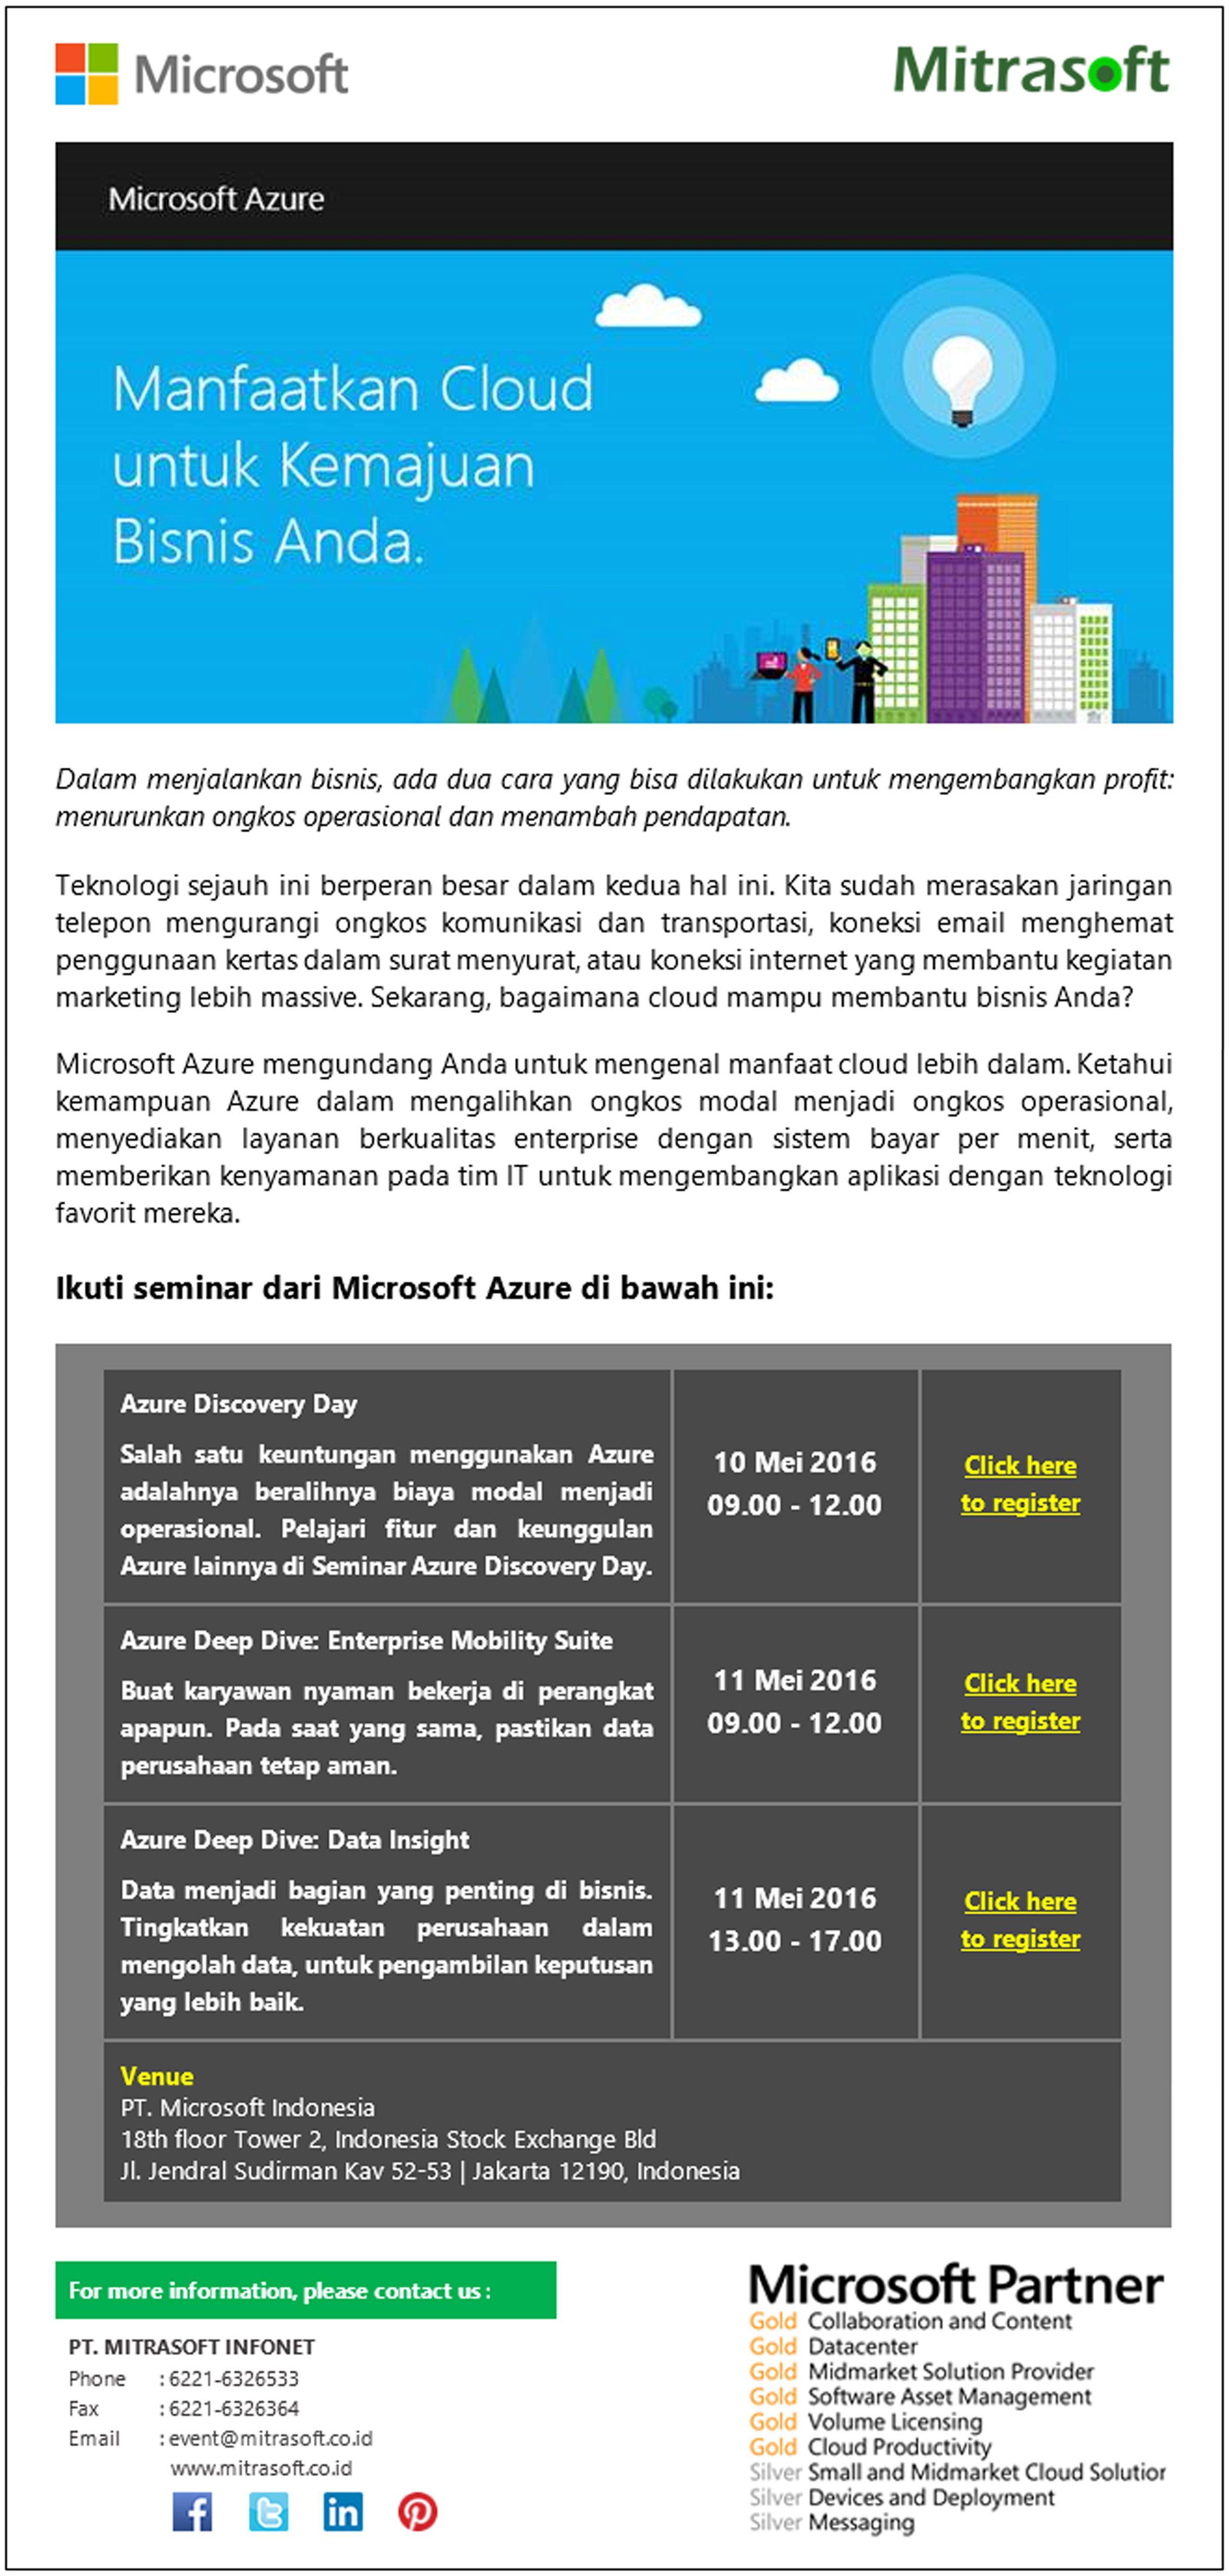 Mitrasoftevent Microsoft Event Manfaatkan Cloud Untuk Kemajuan Bisnis Anda Mei 2016 Like Us Https Www Facebook C Perjalanan Bisnis Microsoft Komunikasi